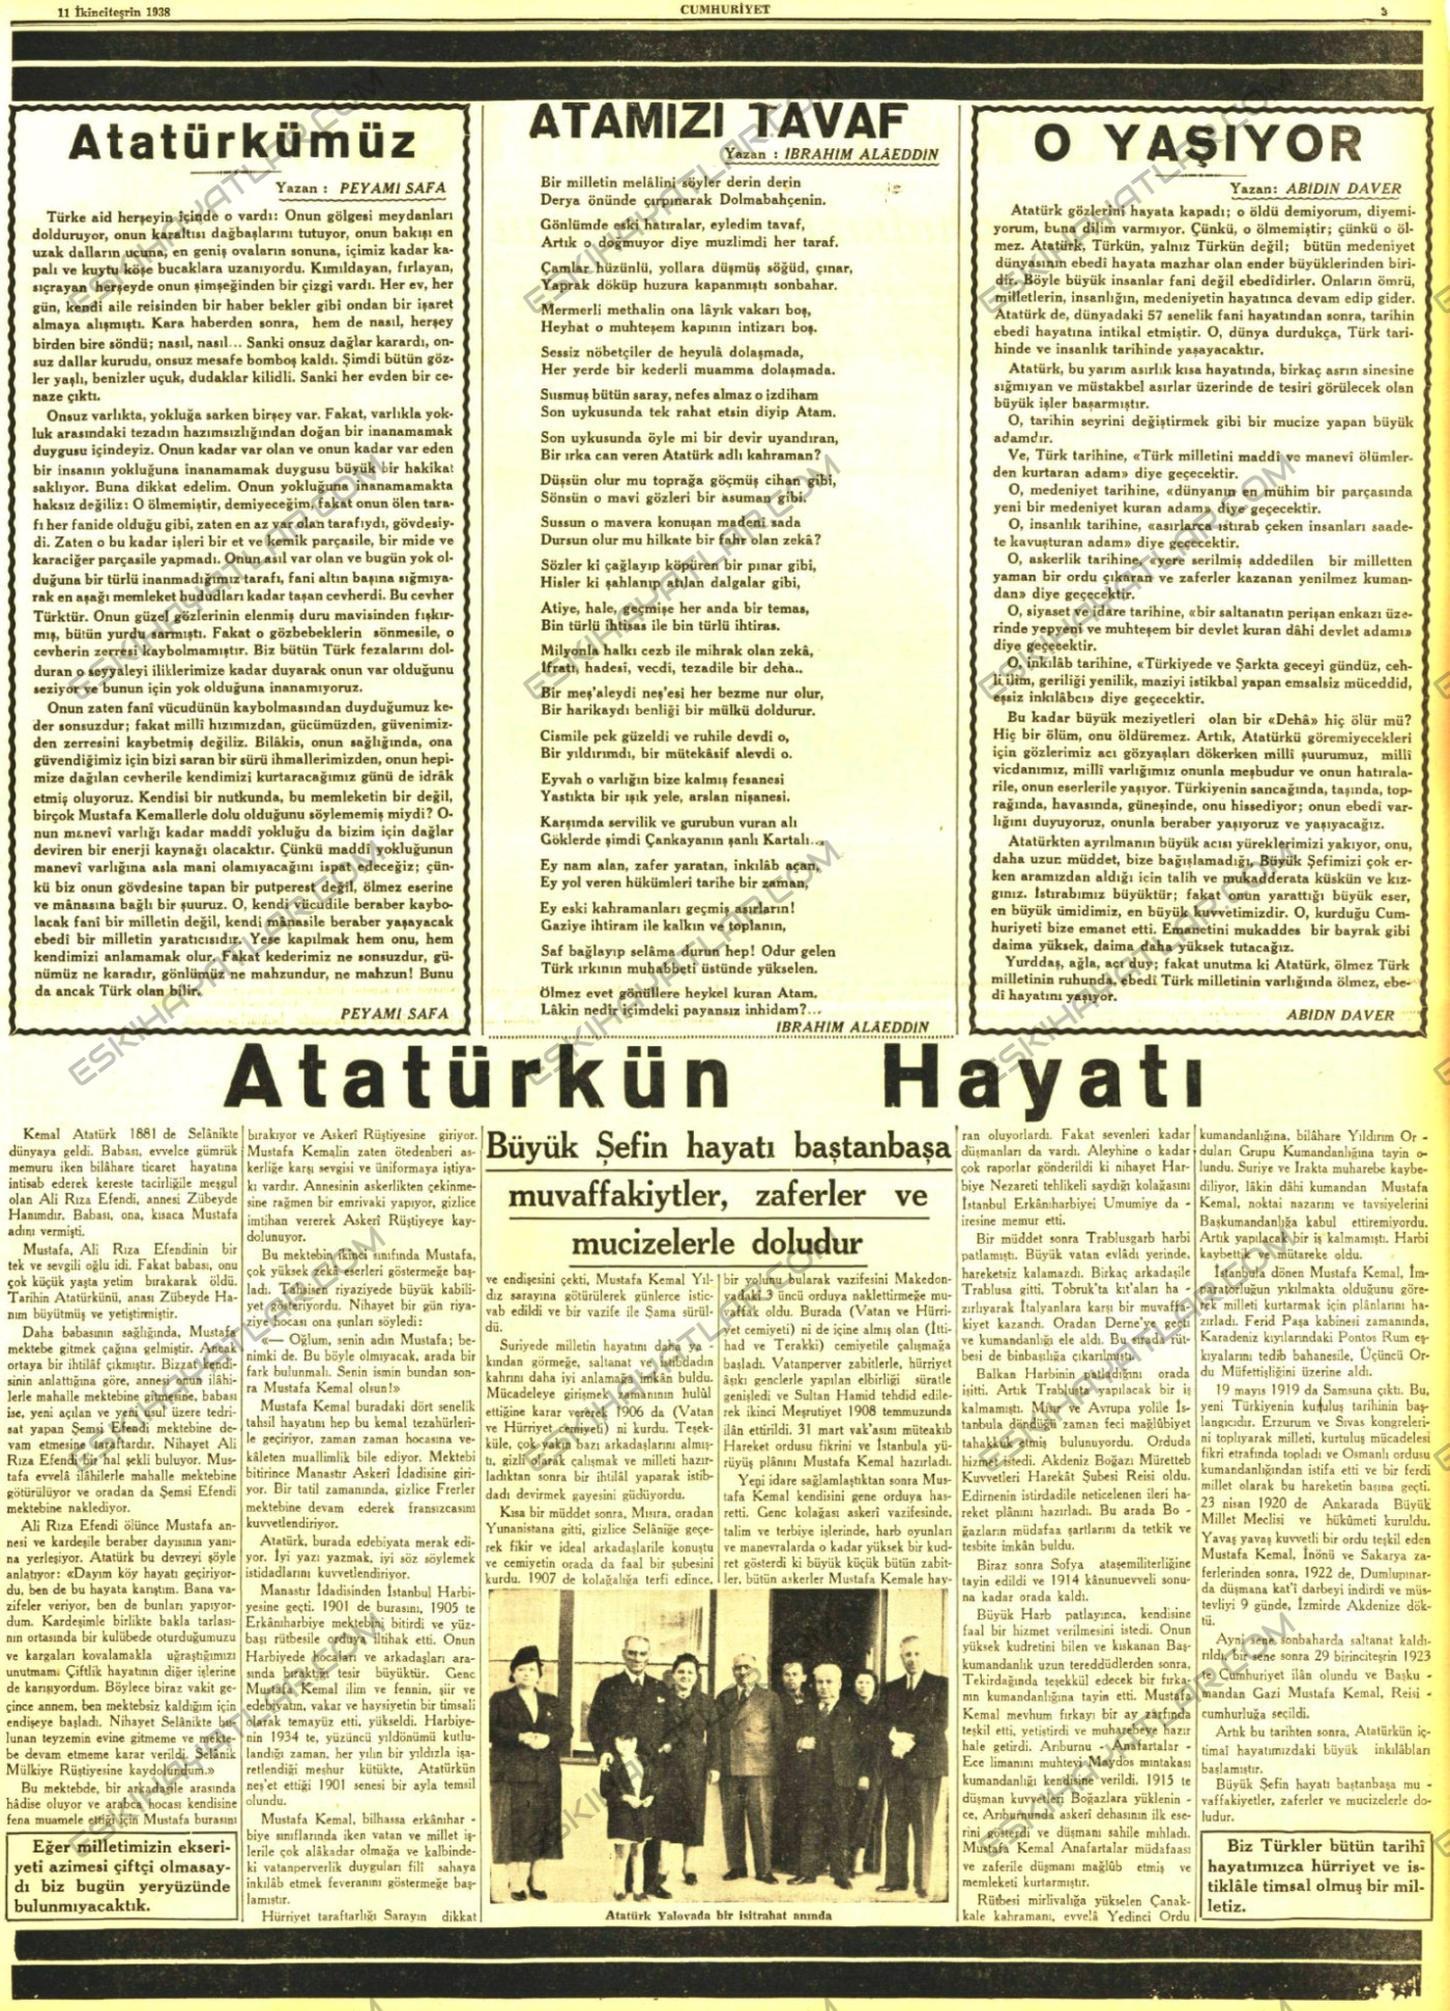 mustafa-kemal-ataturk-un-oldugu-gun-cikan-gazeteler-1938-yilinin-gazeteleri (3)